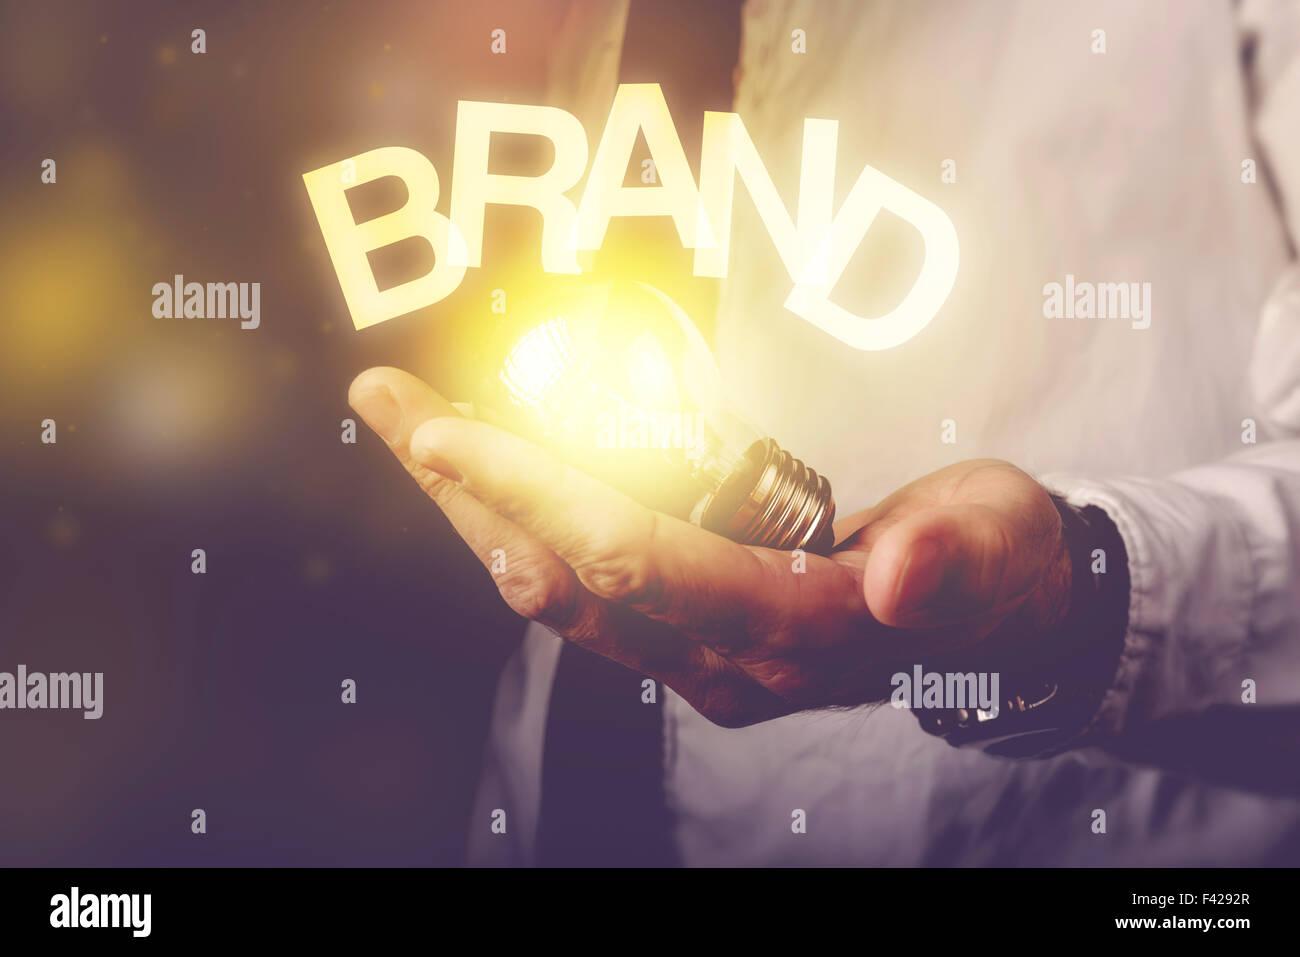 Idée de marque concept avec businessman holding ampoule, tons rétro droit, selective focus. Banque D'Images